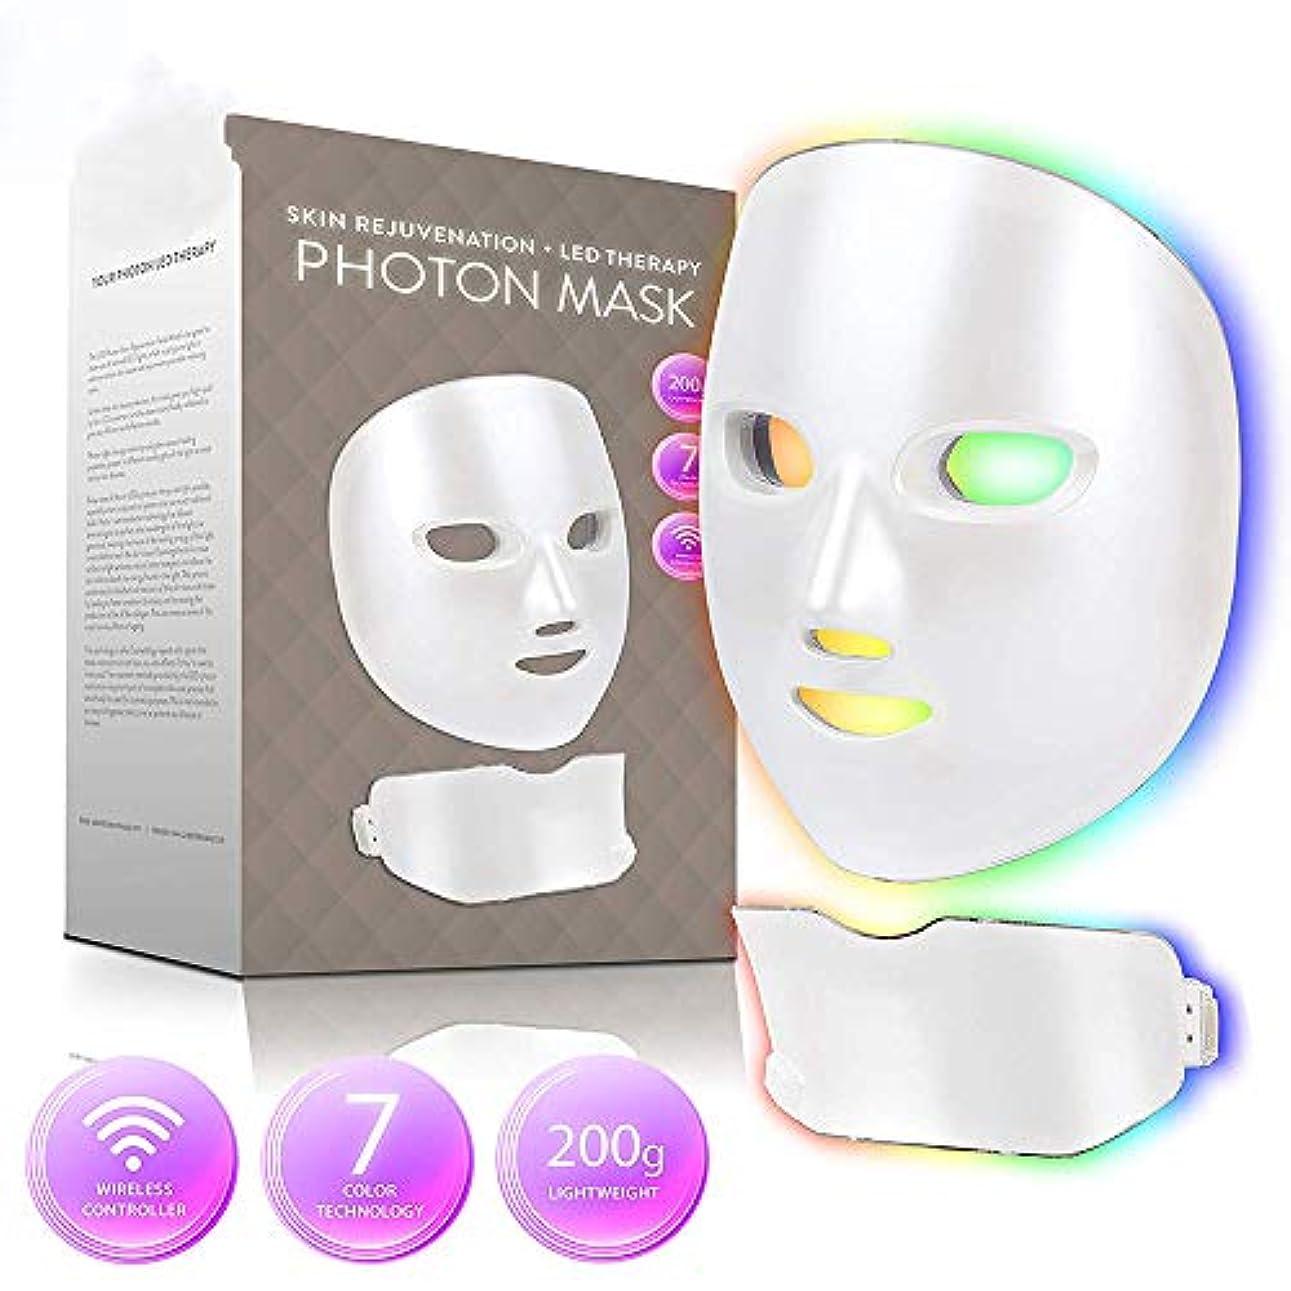 世代唯物論革命7色の顔、首フォトンライト肌の若返りセラピーフェイシャル?スキンケアワイヤレスマスクをマスクLED、スキントーニングしわのためのLEDライトが削除します